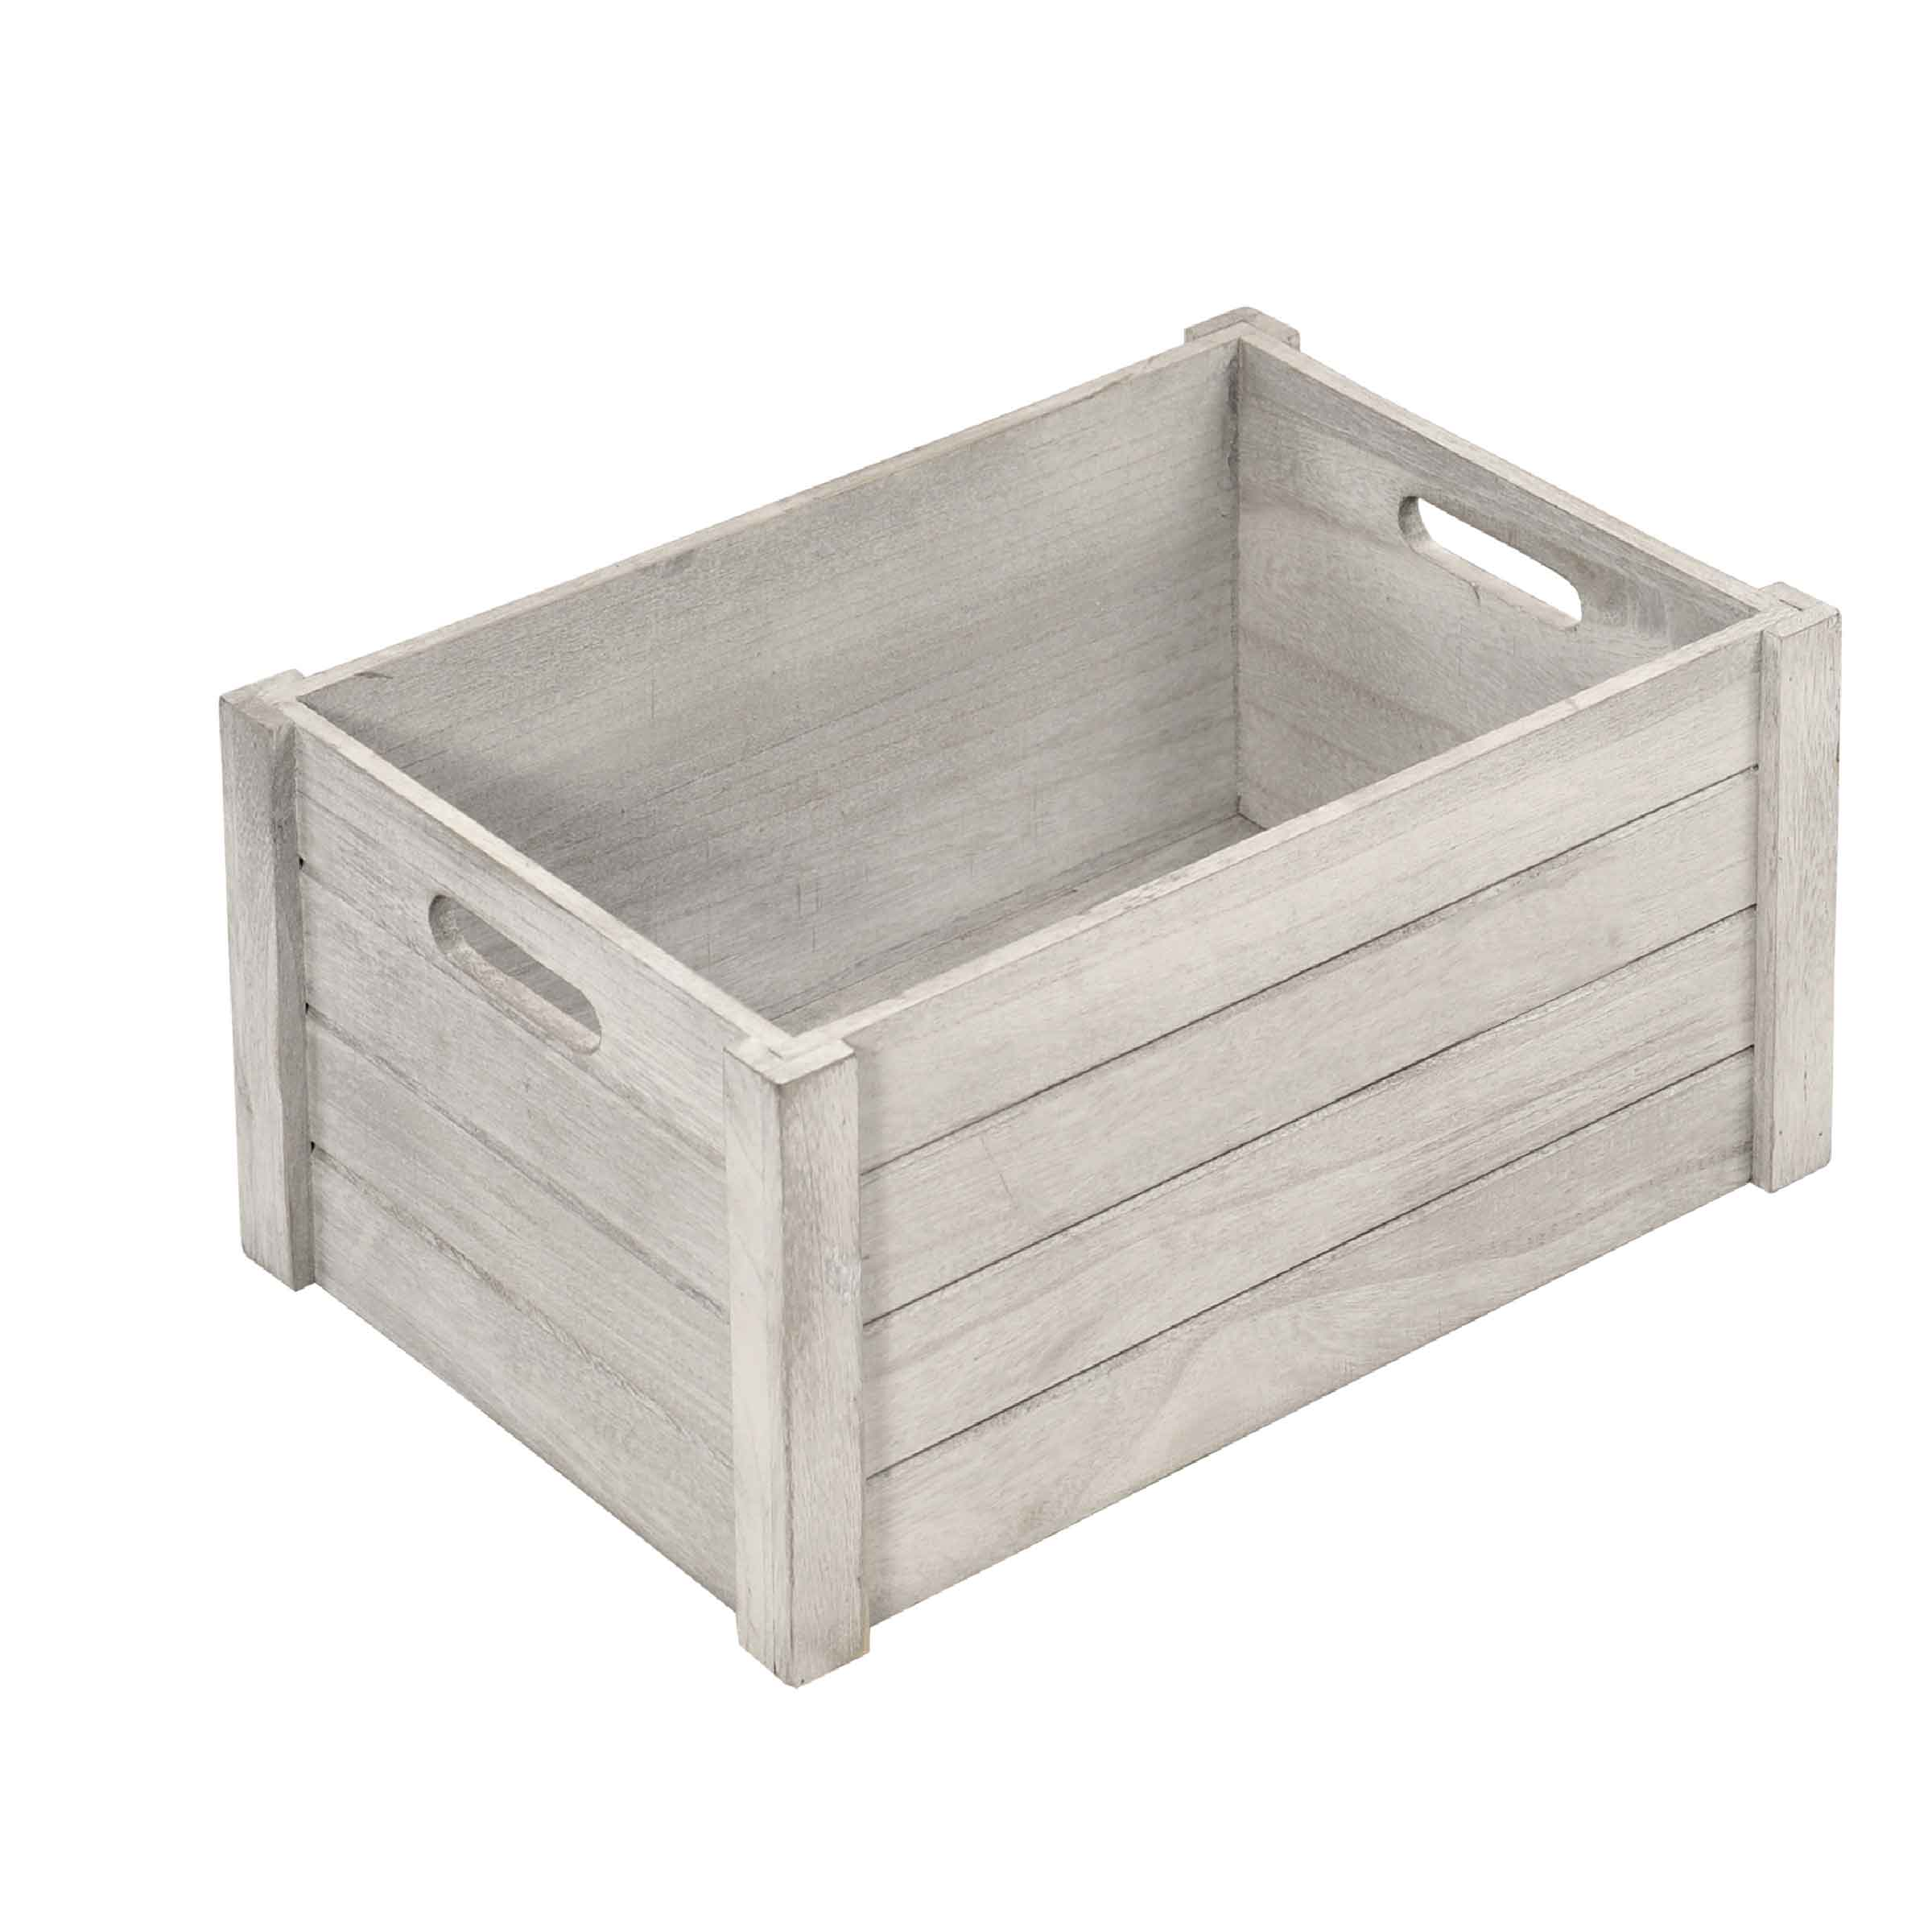 Caisse de rangement taille S en bois gris patiné avec inscription storage